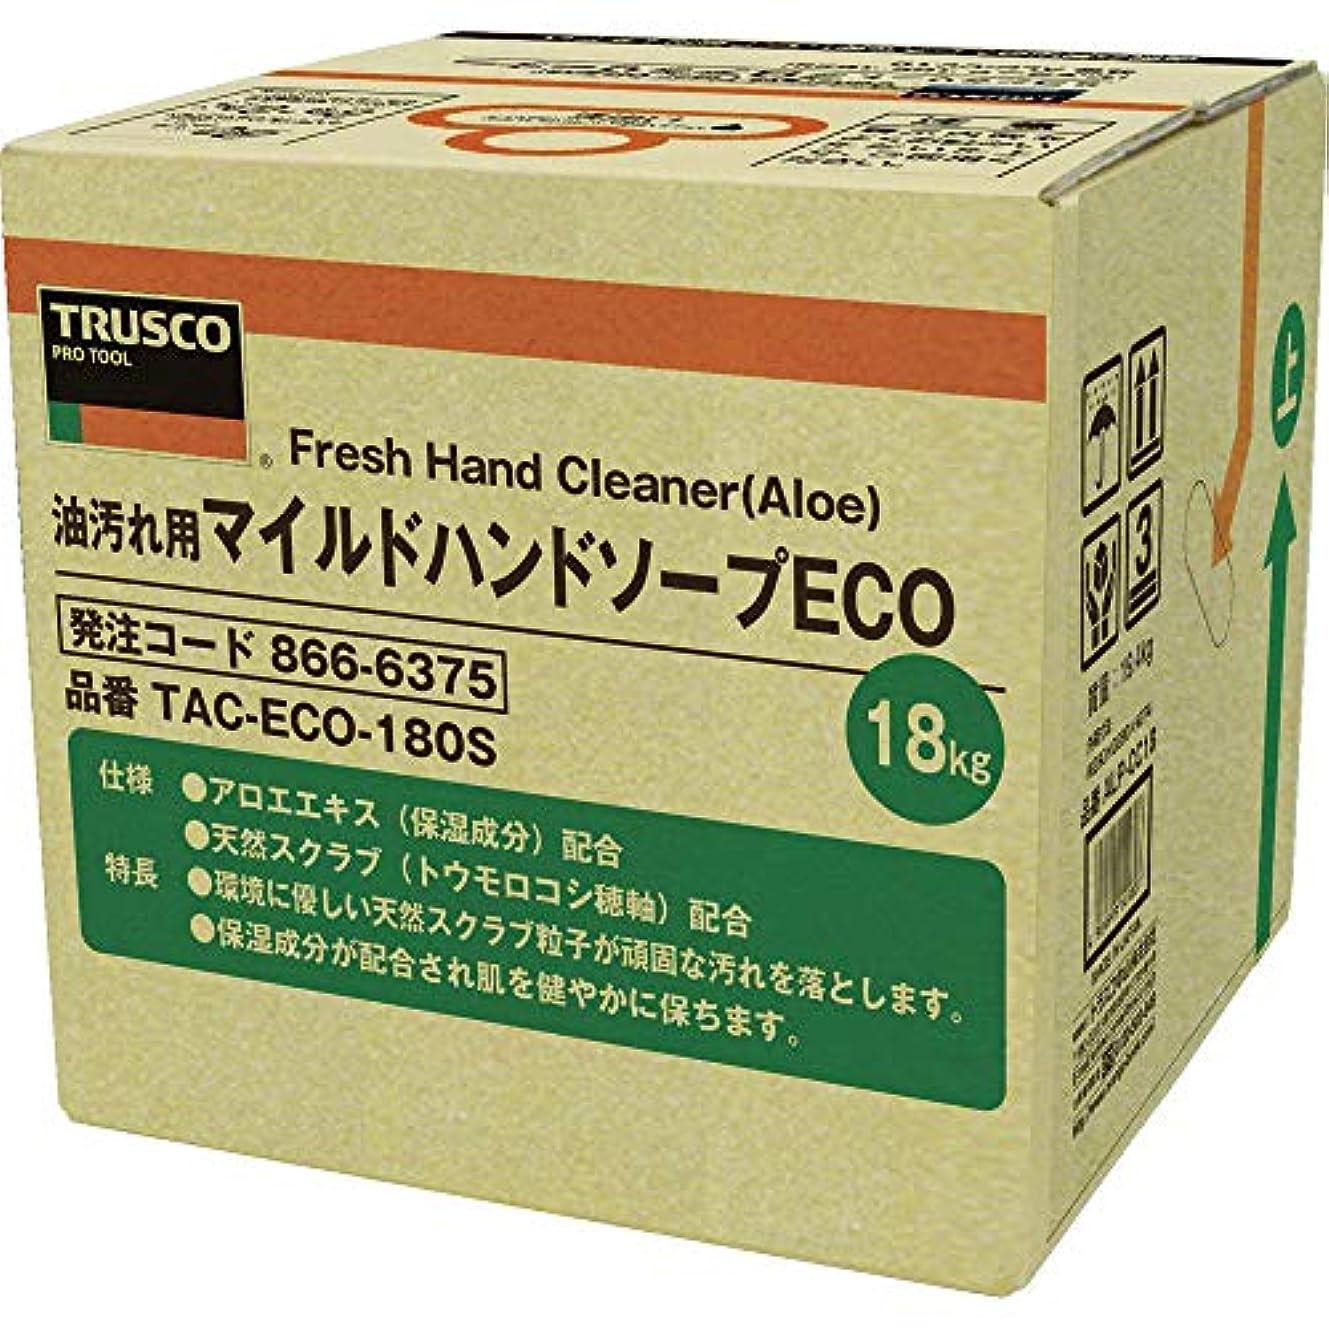 溶ける記者セブンTRUSCO(トラスコ) マイルドハンドソープ ECO 18L 詰替 バッグインボックス TACECO180S